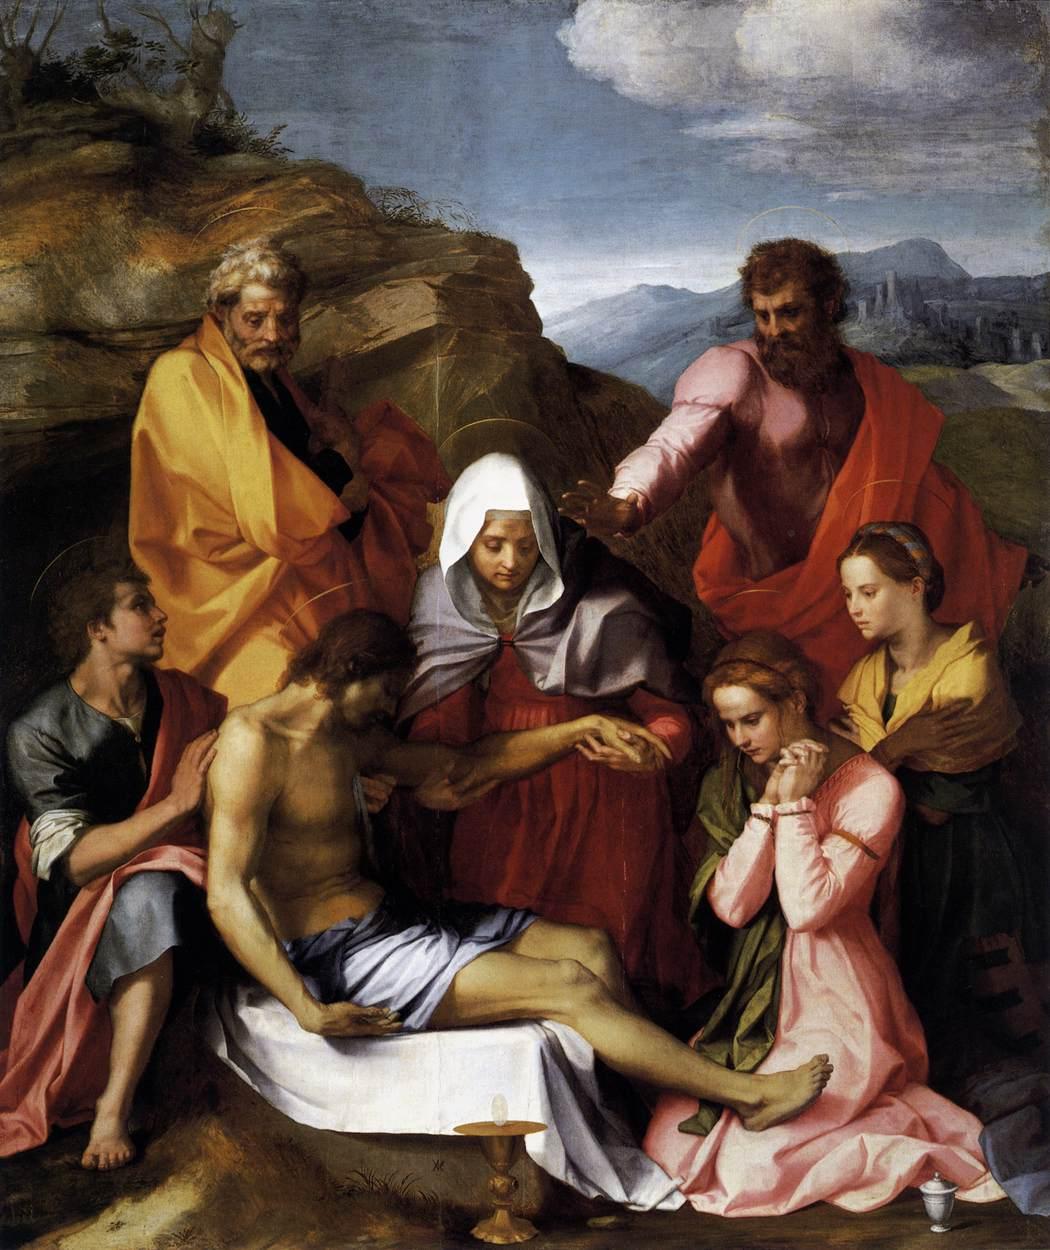 Andrea del Sarto, Pietà di Luco (1523; olio su tavola, 239 x 199 cm; Firenze, Galleria Palatina di Palazzo Pitti)